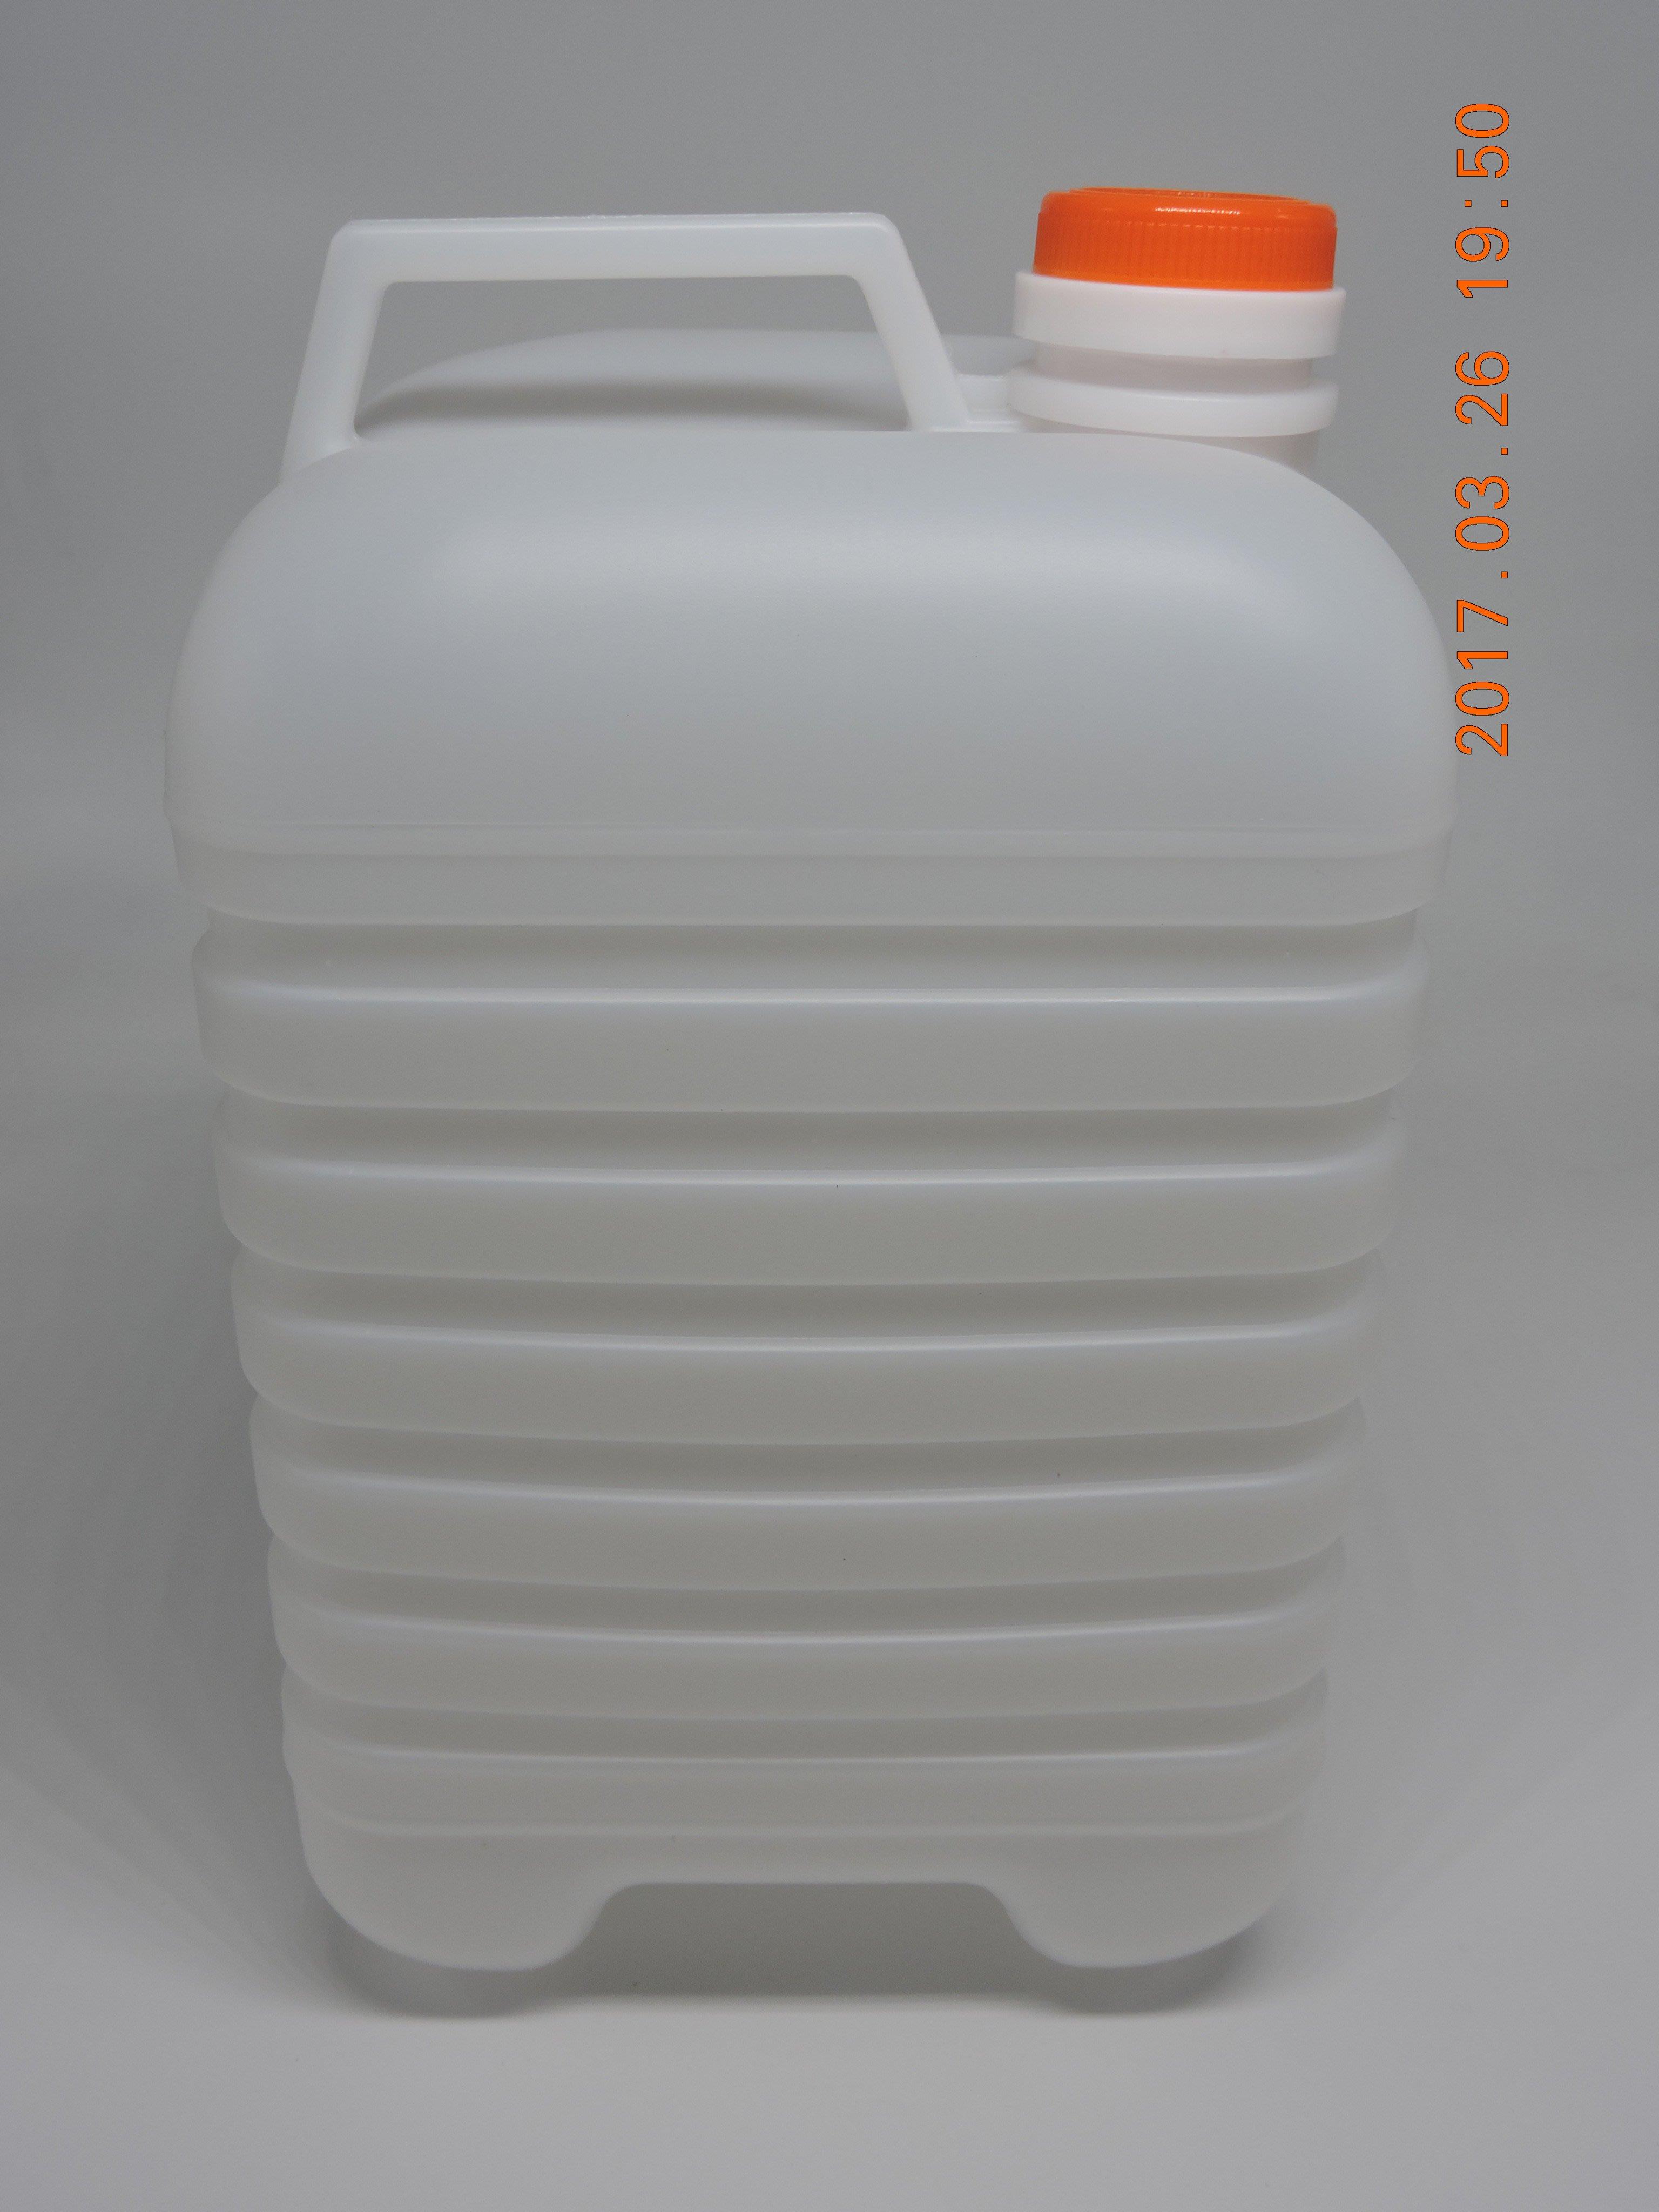 5公斤 1次購買4個100元 儲水桶 塑膠桶 水桶  油桶 手提水桶 四方桶 圓桶